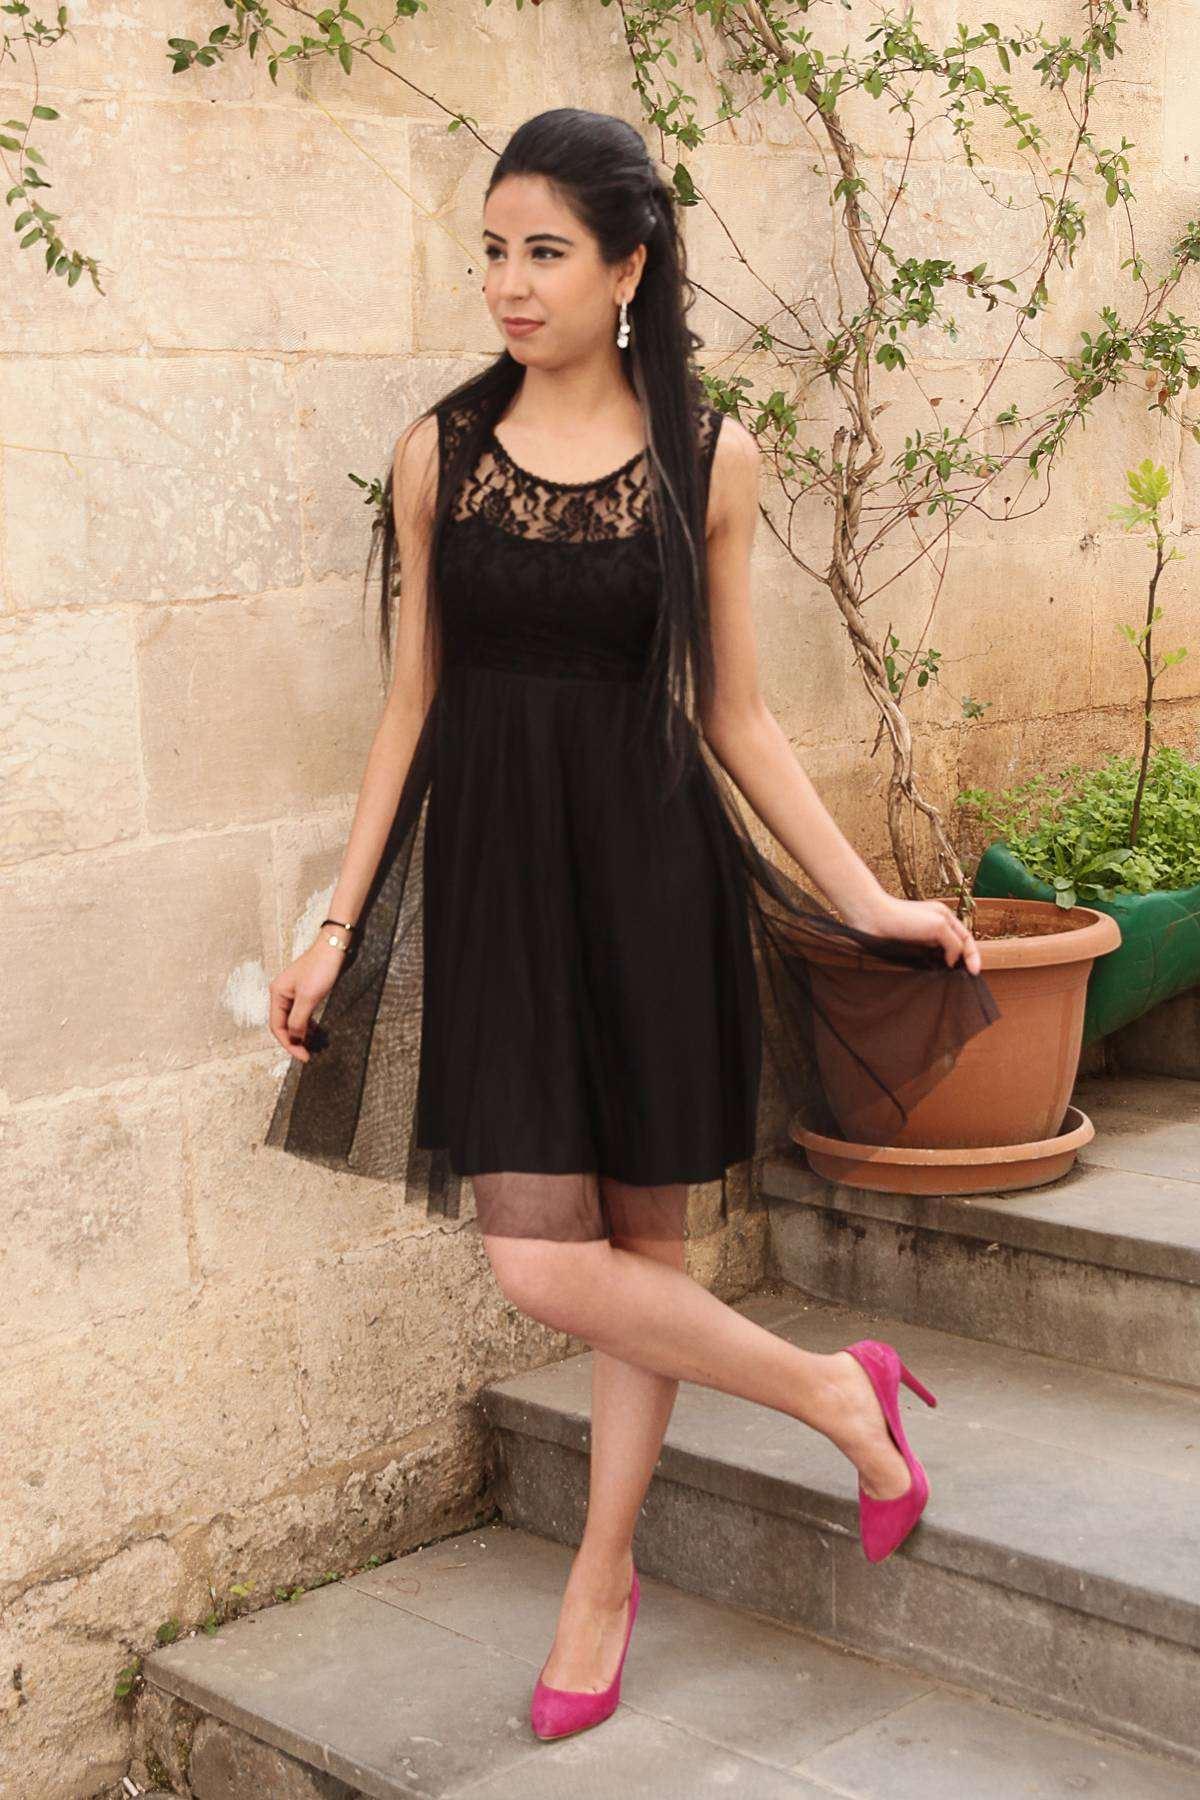 Üst Dantel İşleme Alt Pileli Omuz Askılı Kısa Elbise Siyah